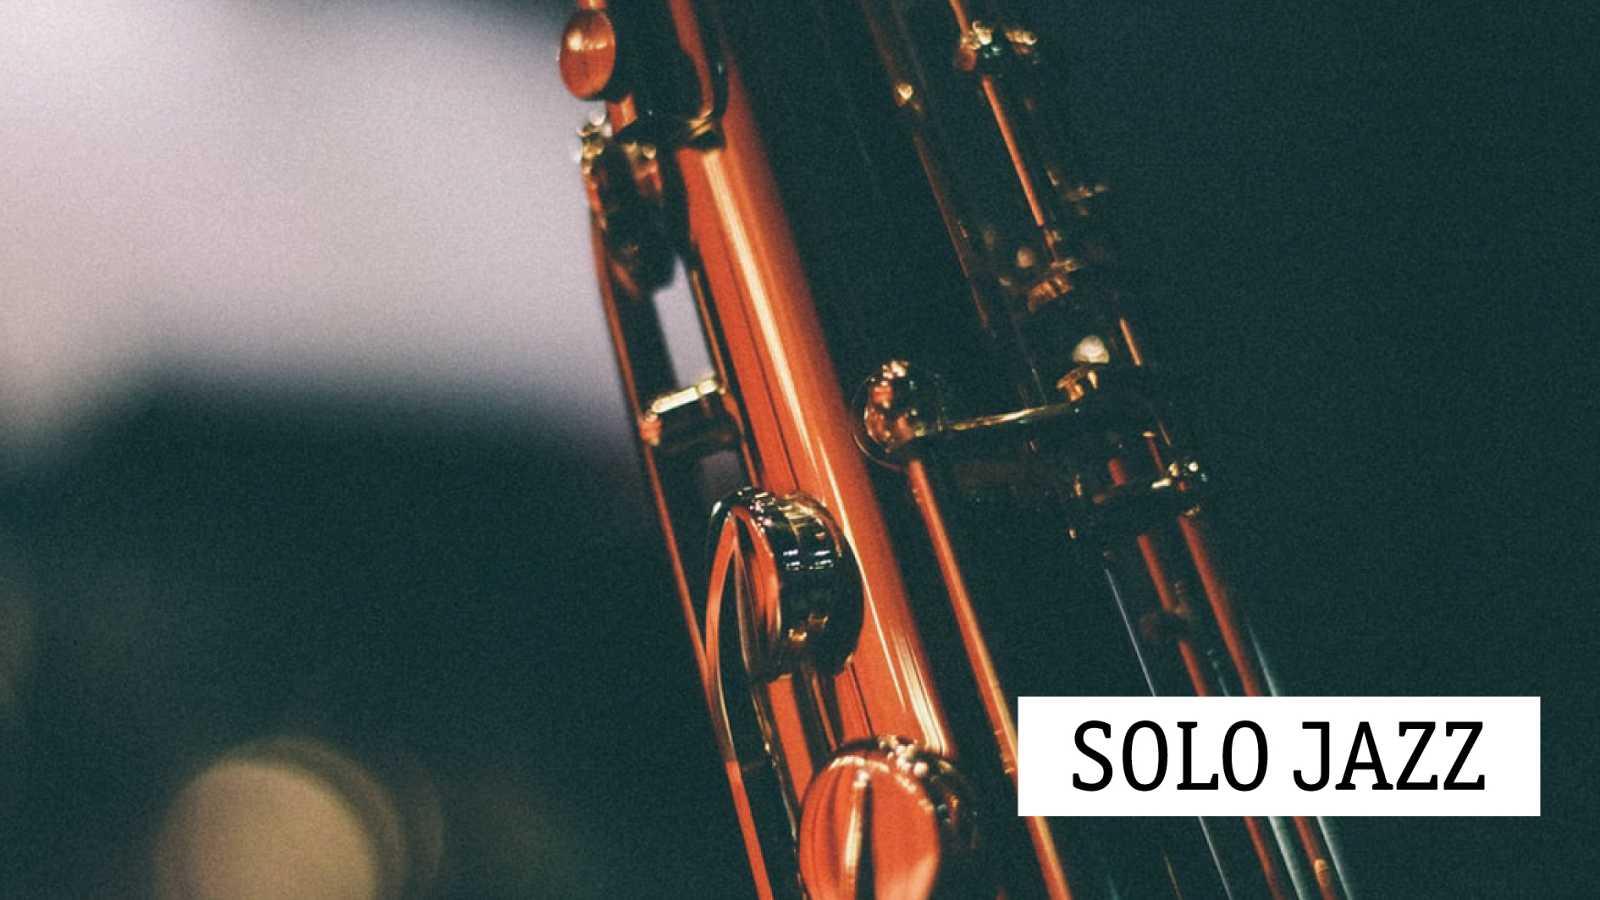 Solo jazz - Primeros estilos del jazz: En una galaxia no tan lejana - 11/11/20 - escuchar ahora